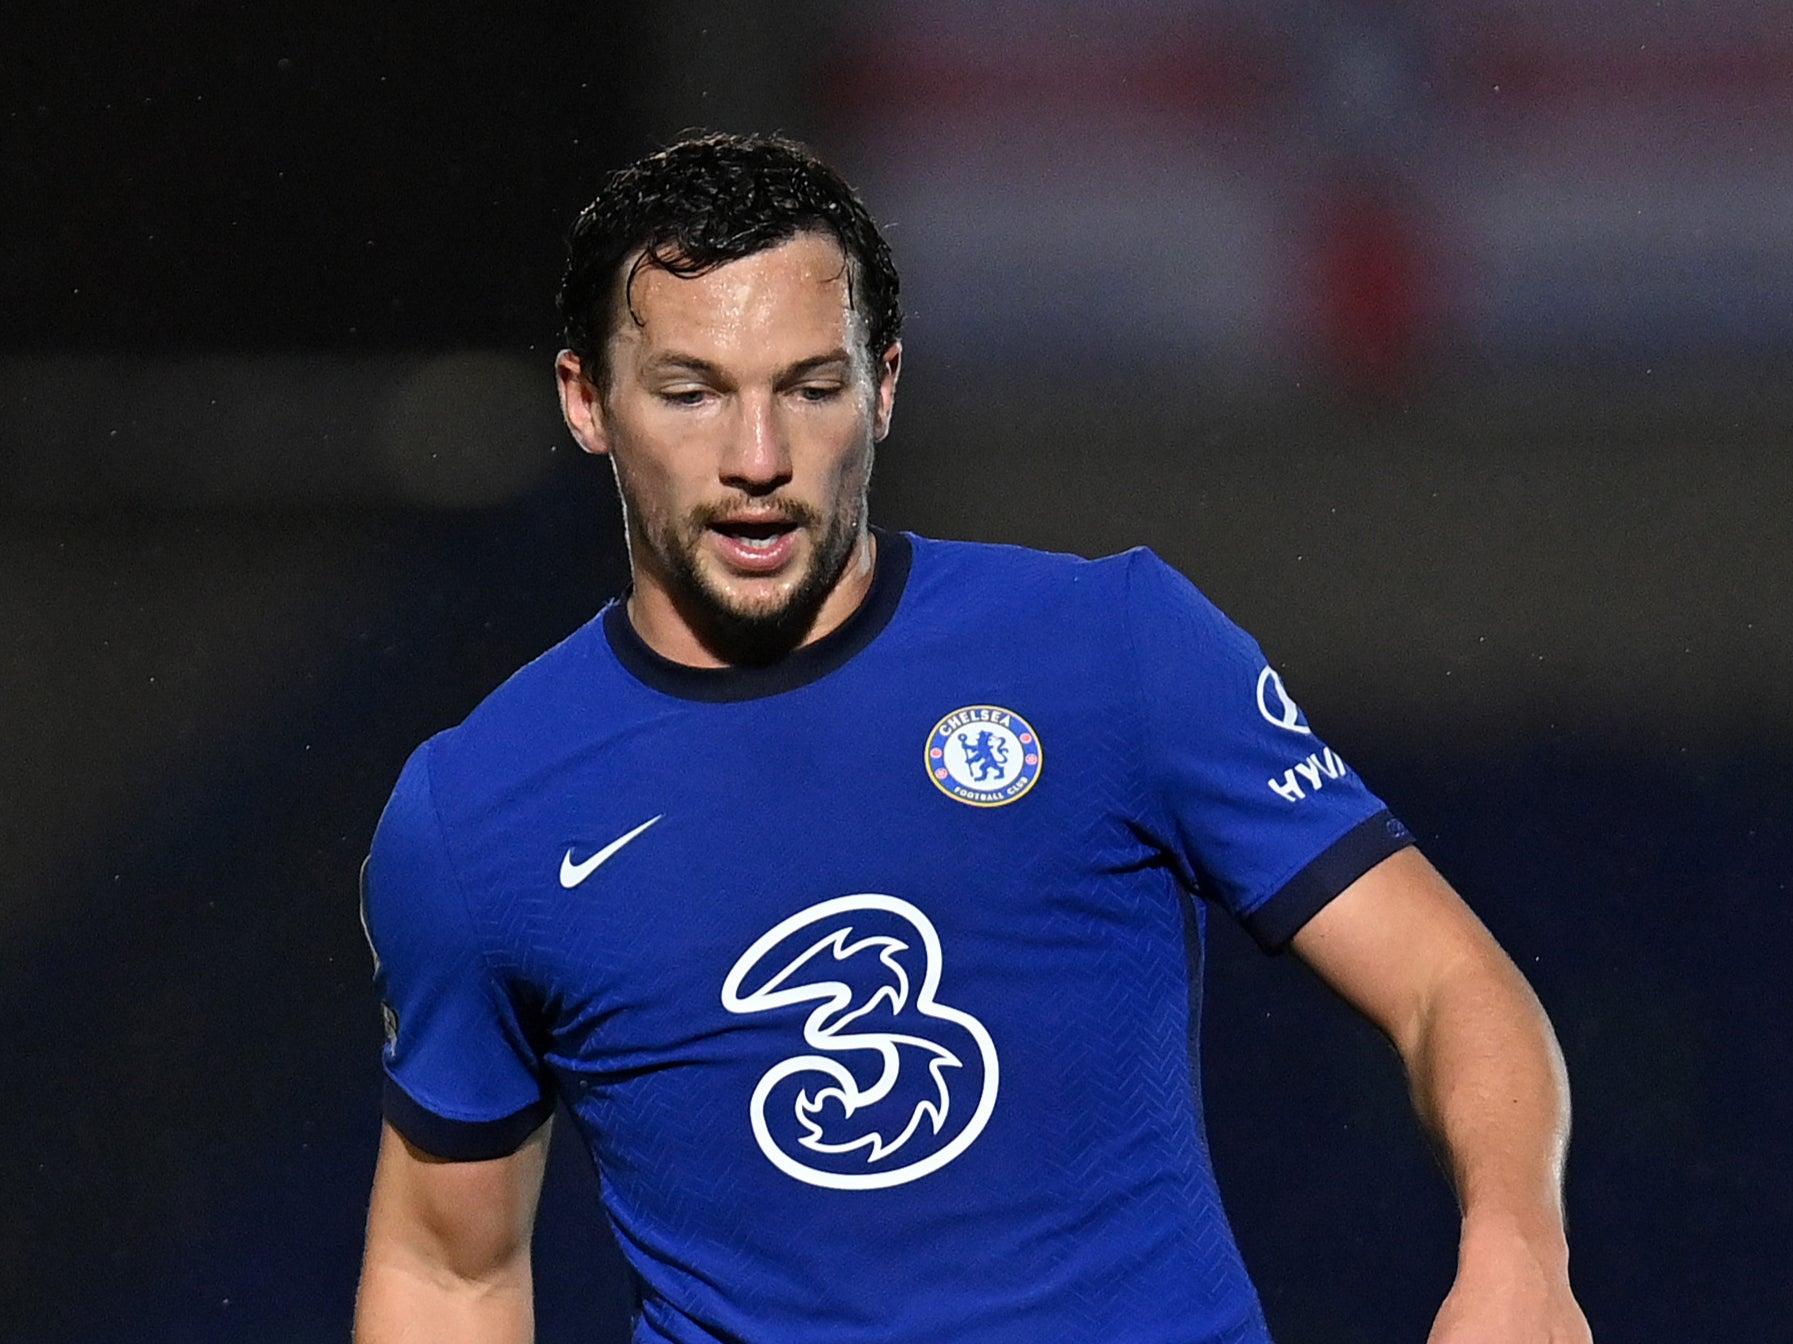 Chelsea midfielder Danny Drinkwater joins Kasimpasa on loan